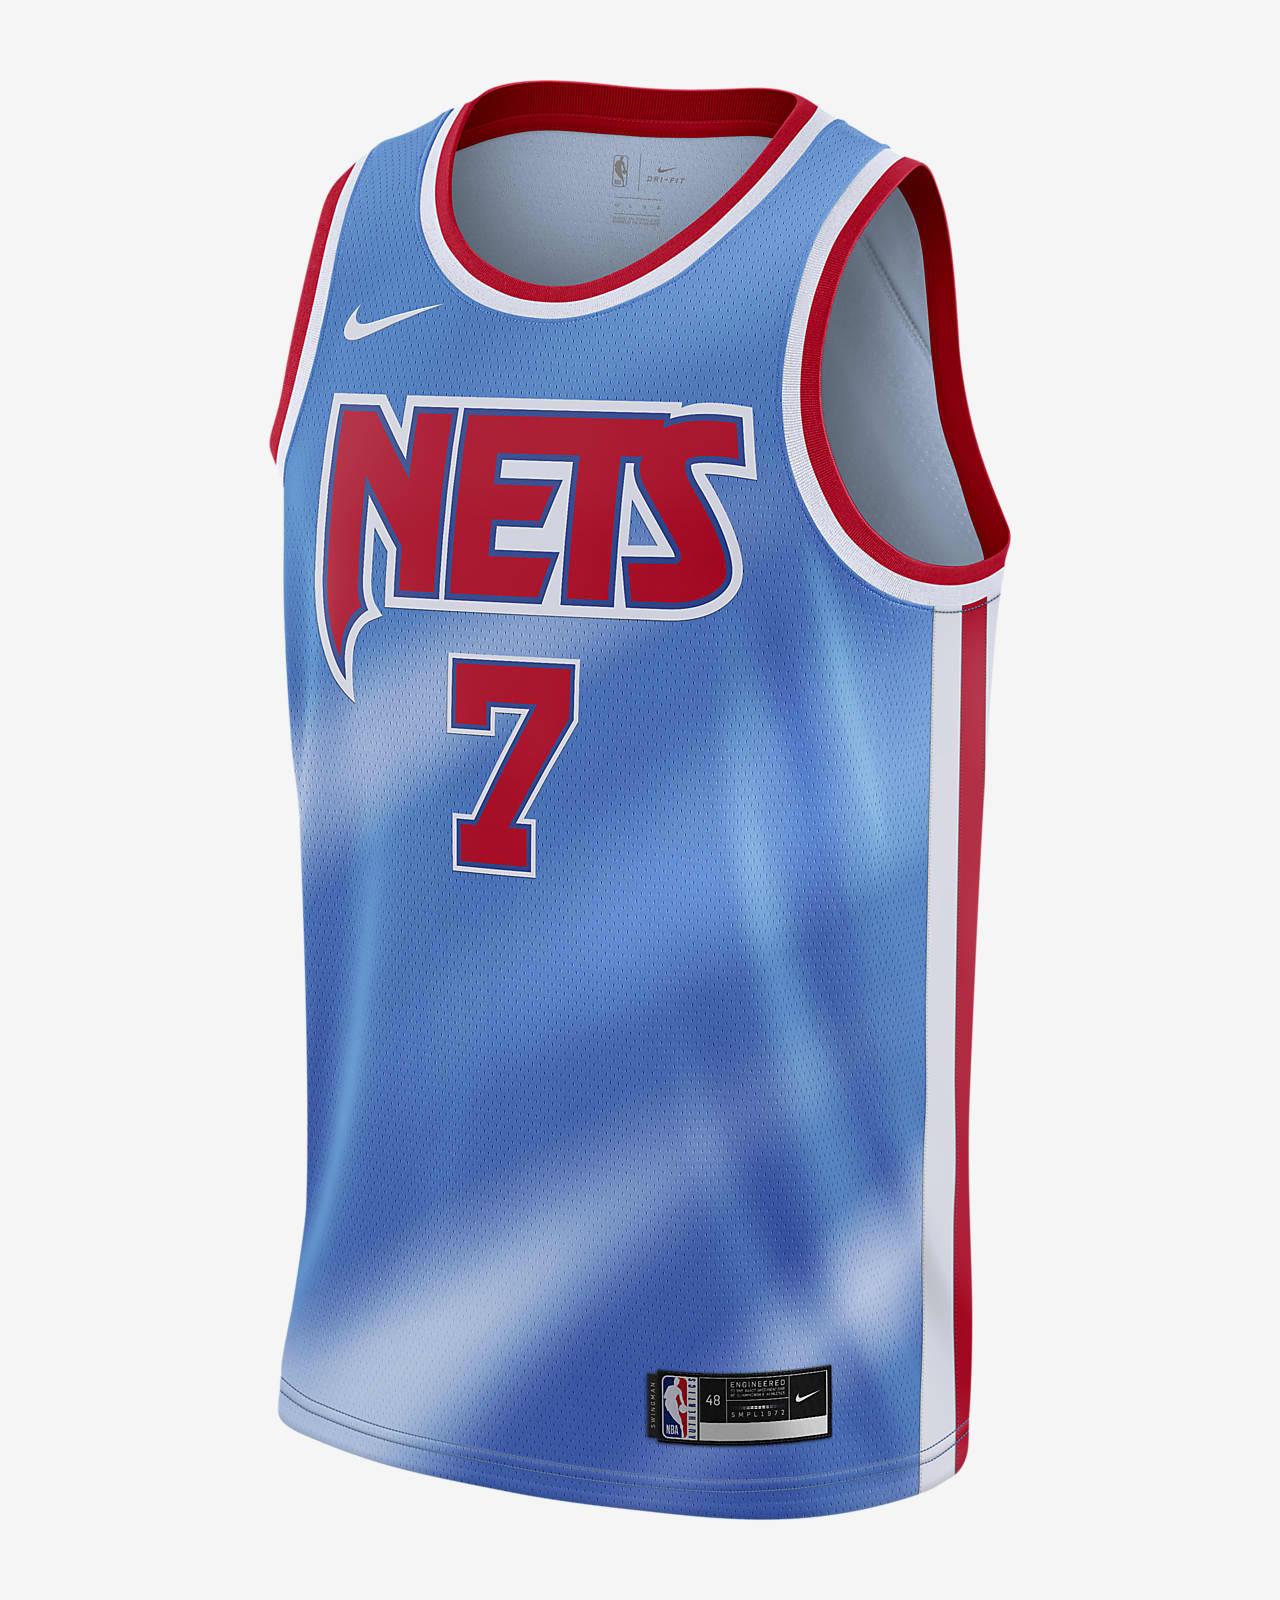 2020 赛季布鲁克林篮网队 Classic Edition Nike NBA Swingman Jersey 男子球衣